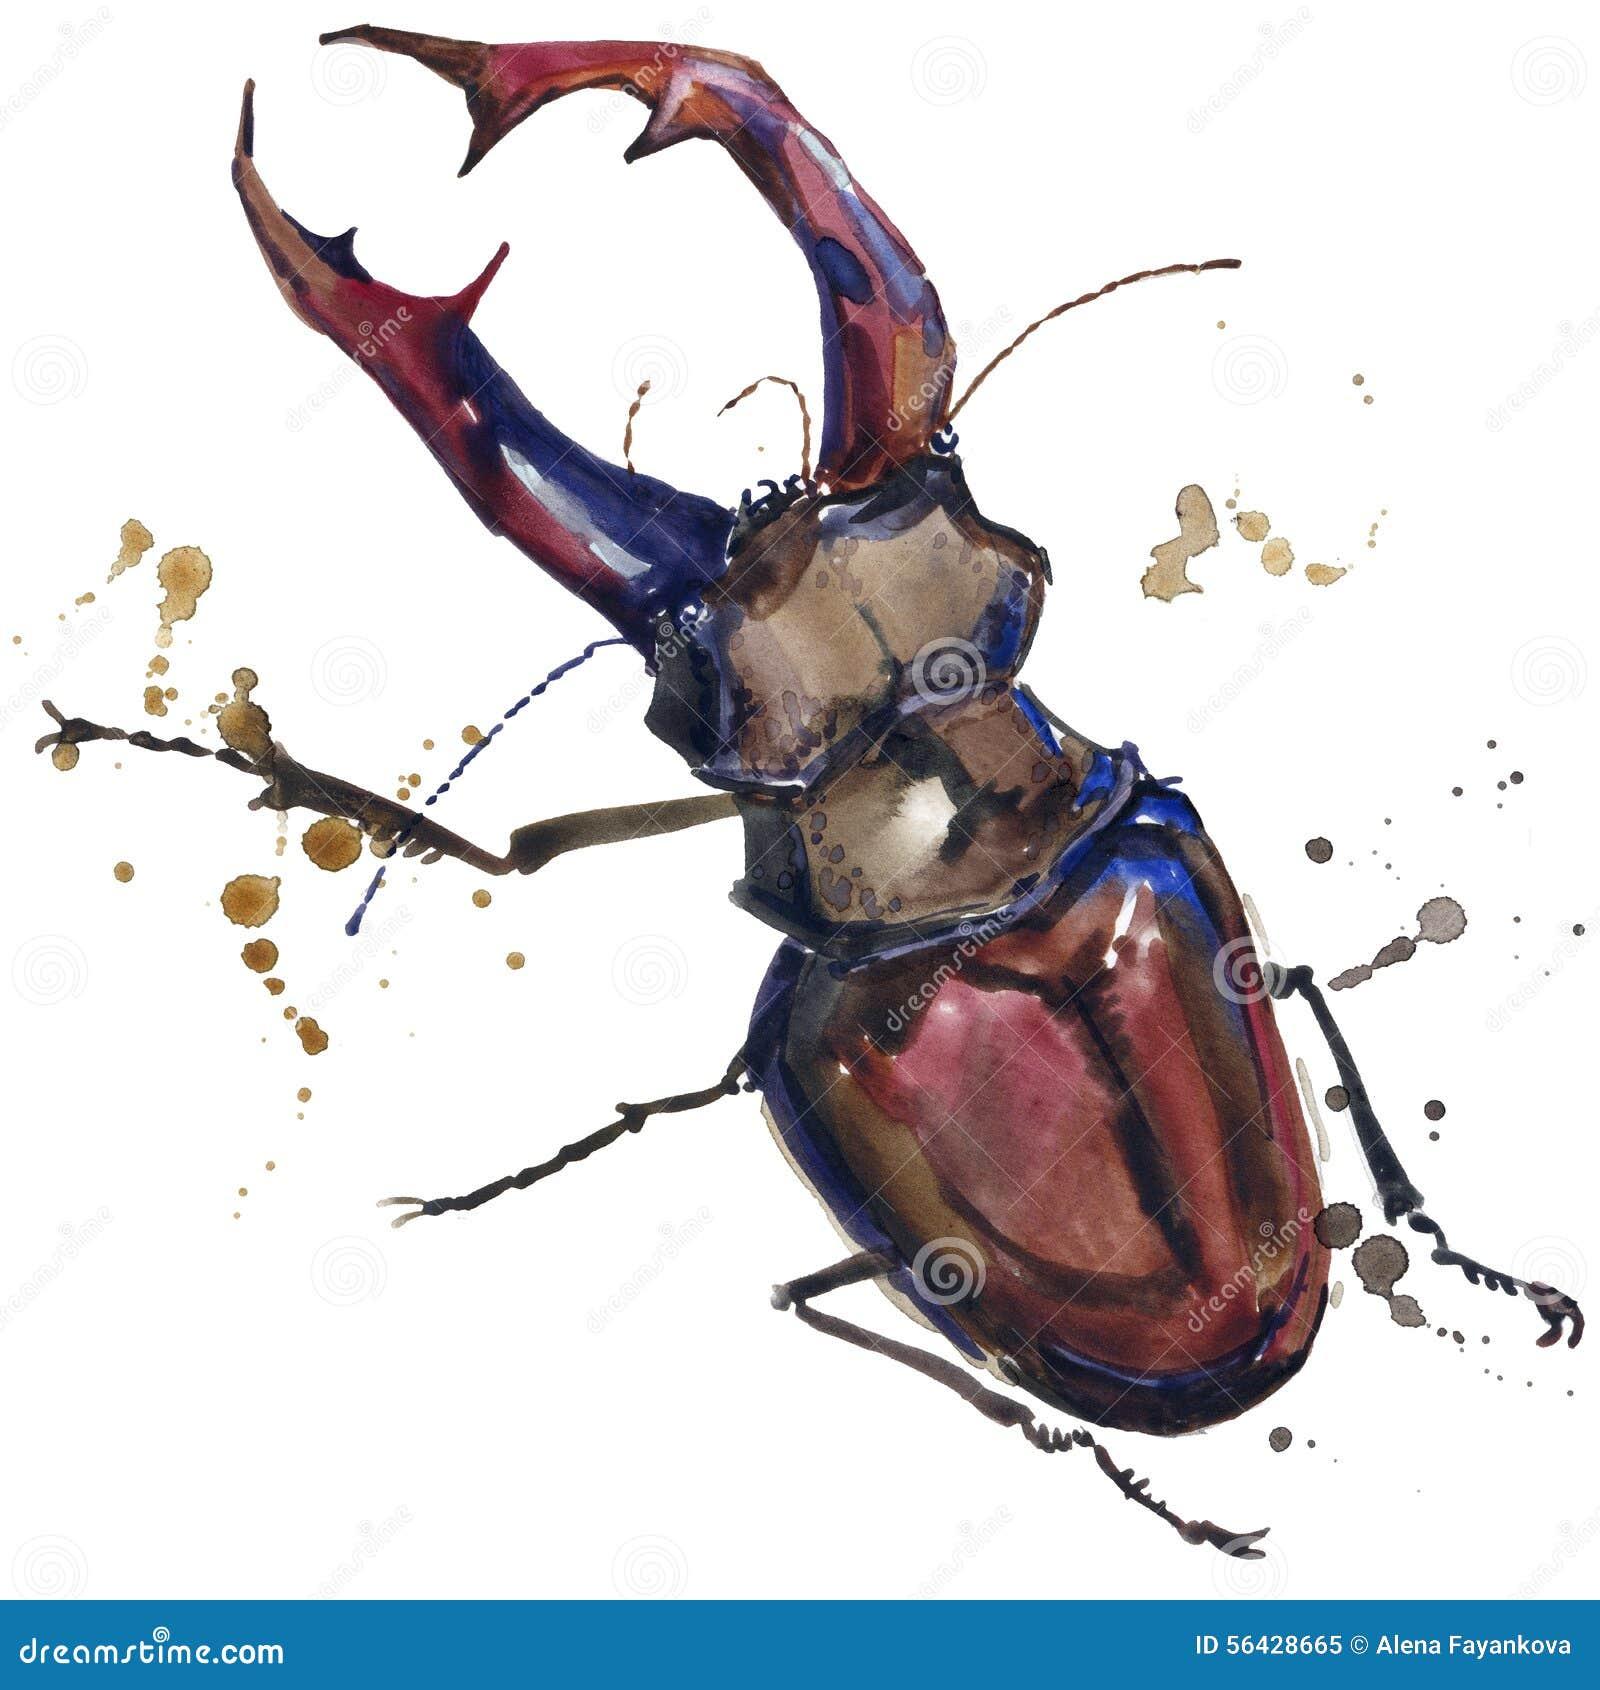 Графики футболки насекомого жука рогача иллюстрация жука рогача с акварелью выплеска текстурировала предпосылку необыкновенное wa